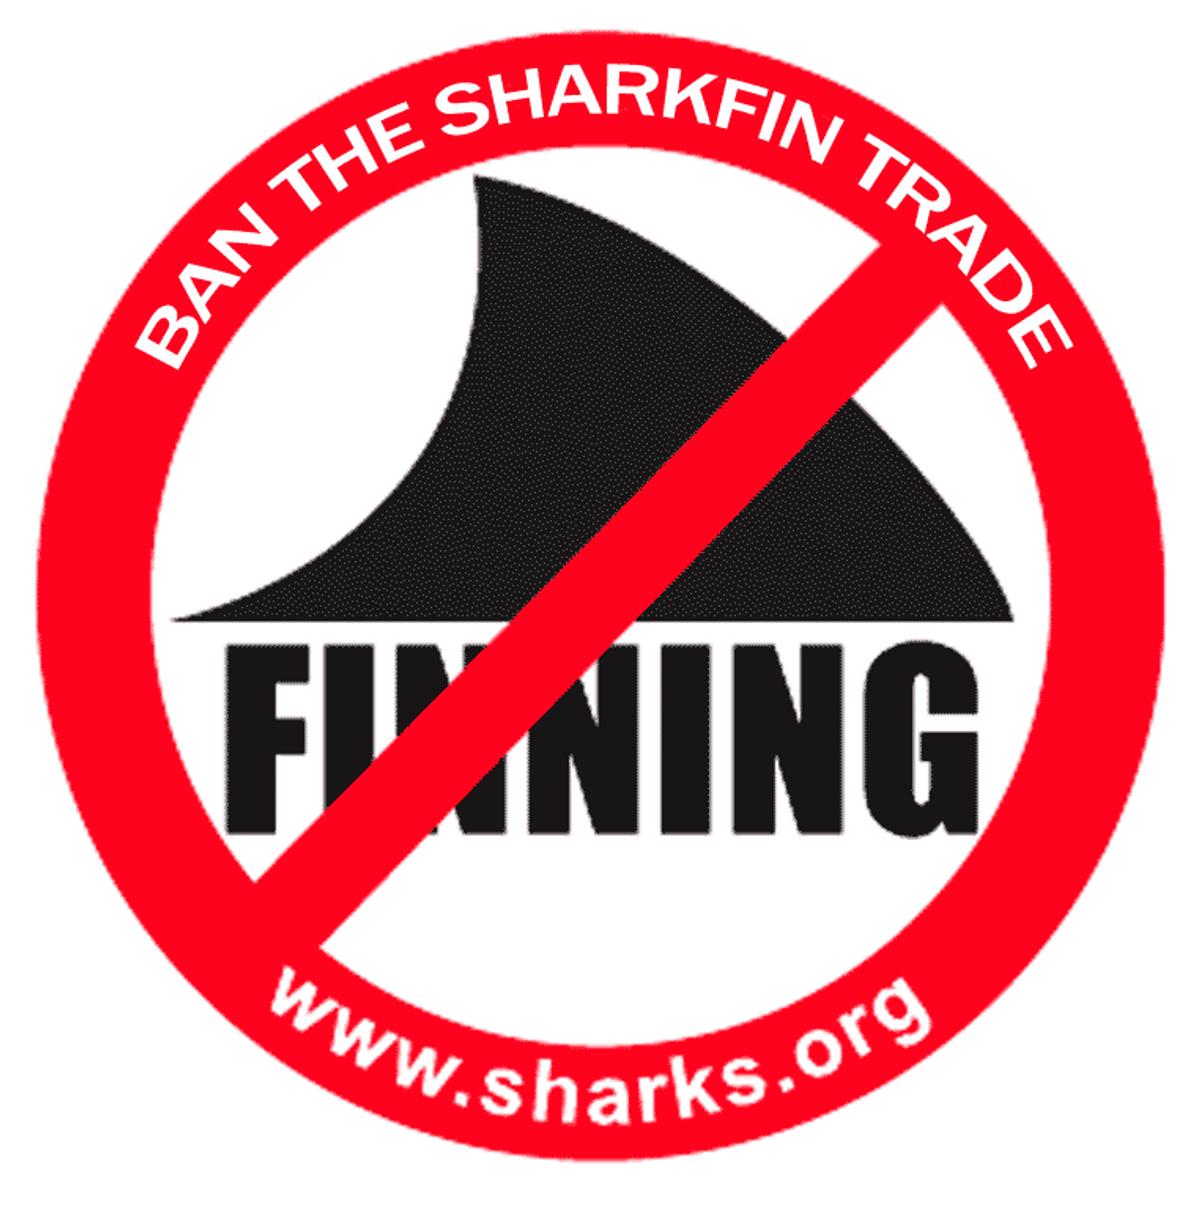 UPS Bans Shark Fin Shipments